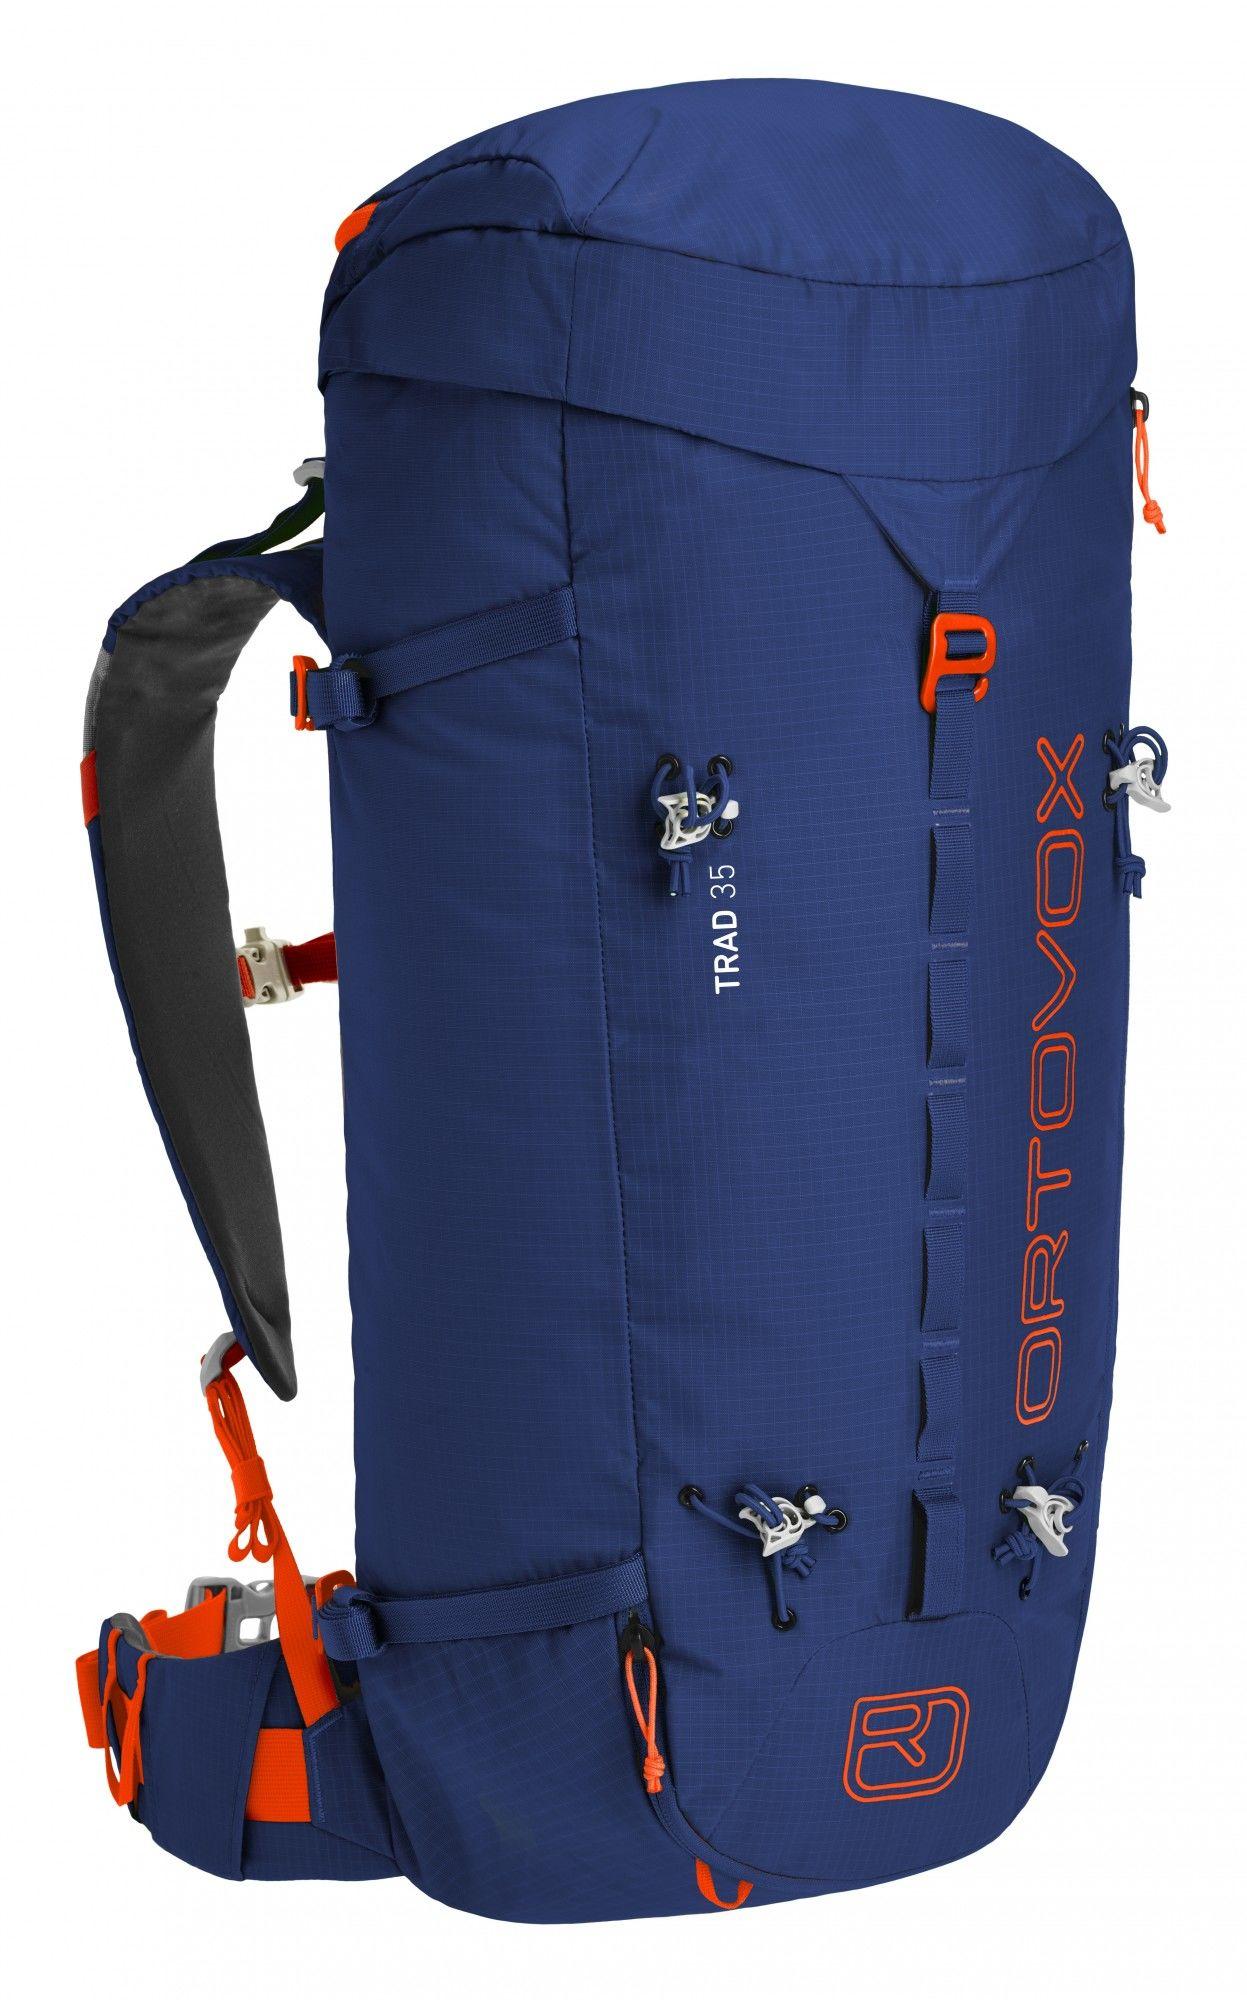 Ortovox Trad 35 Blau, Alpin-& Trekkingrucksack, 35l